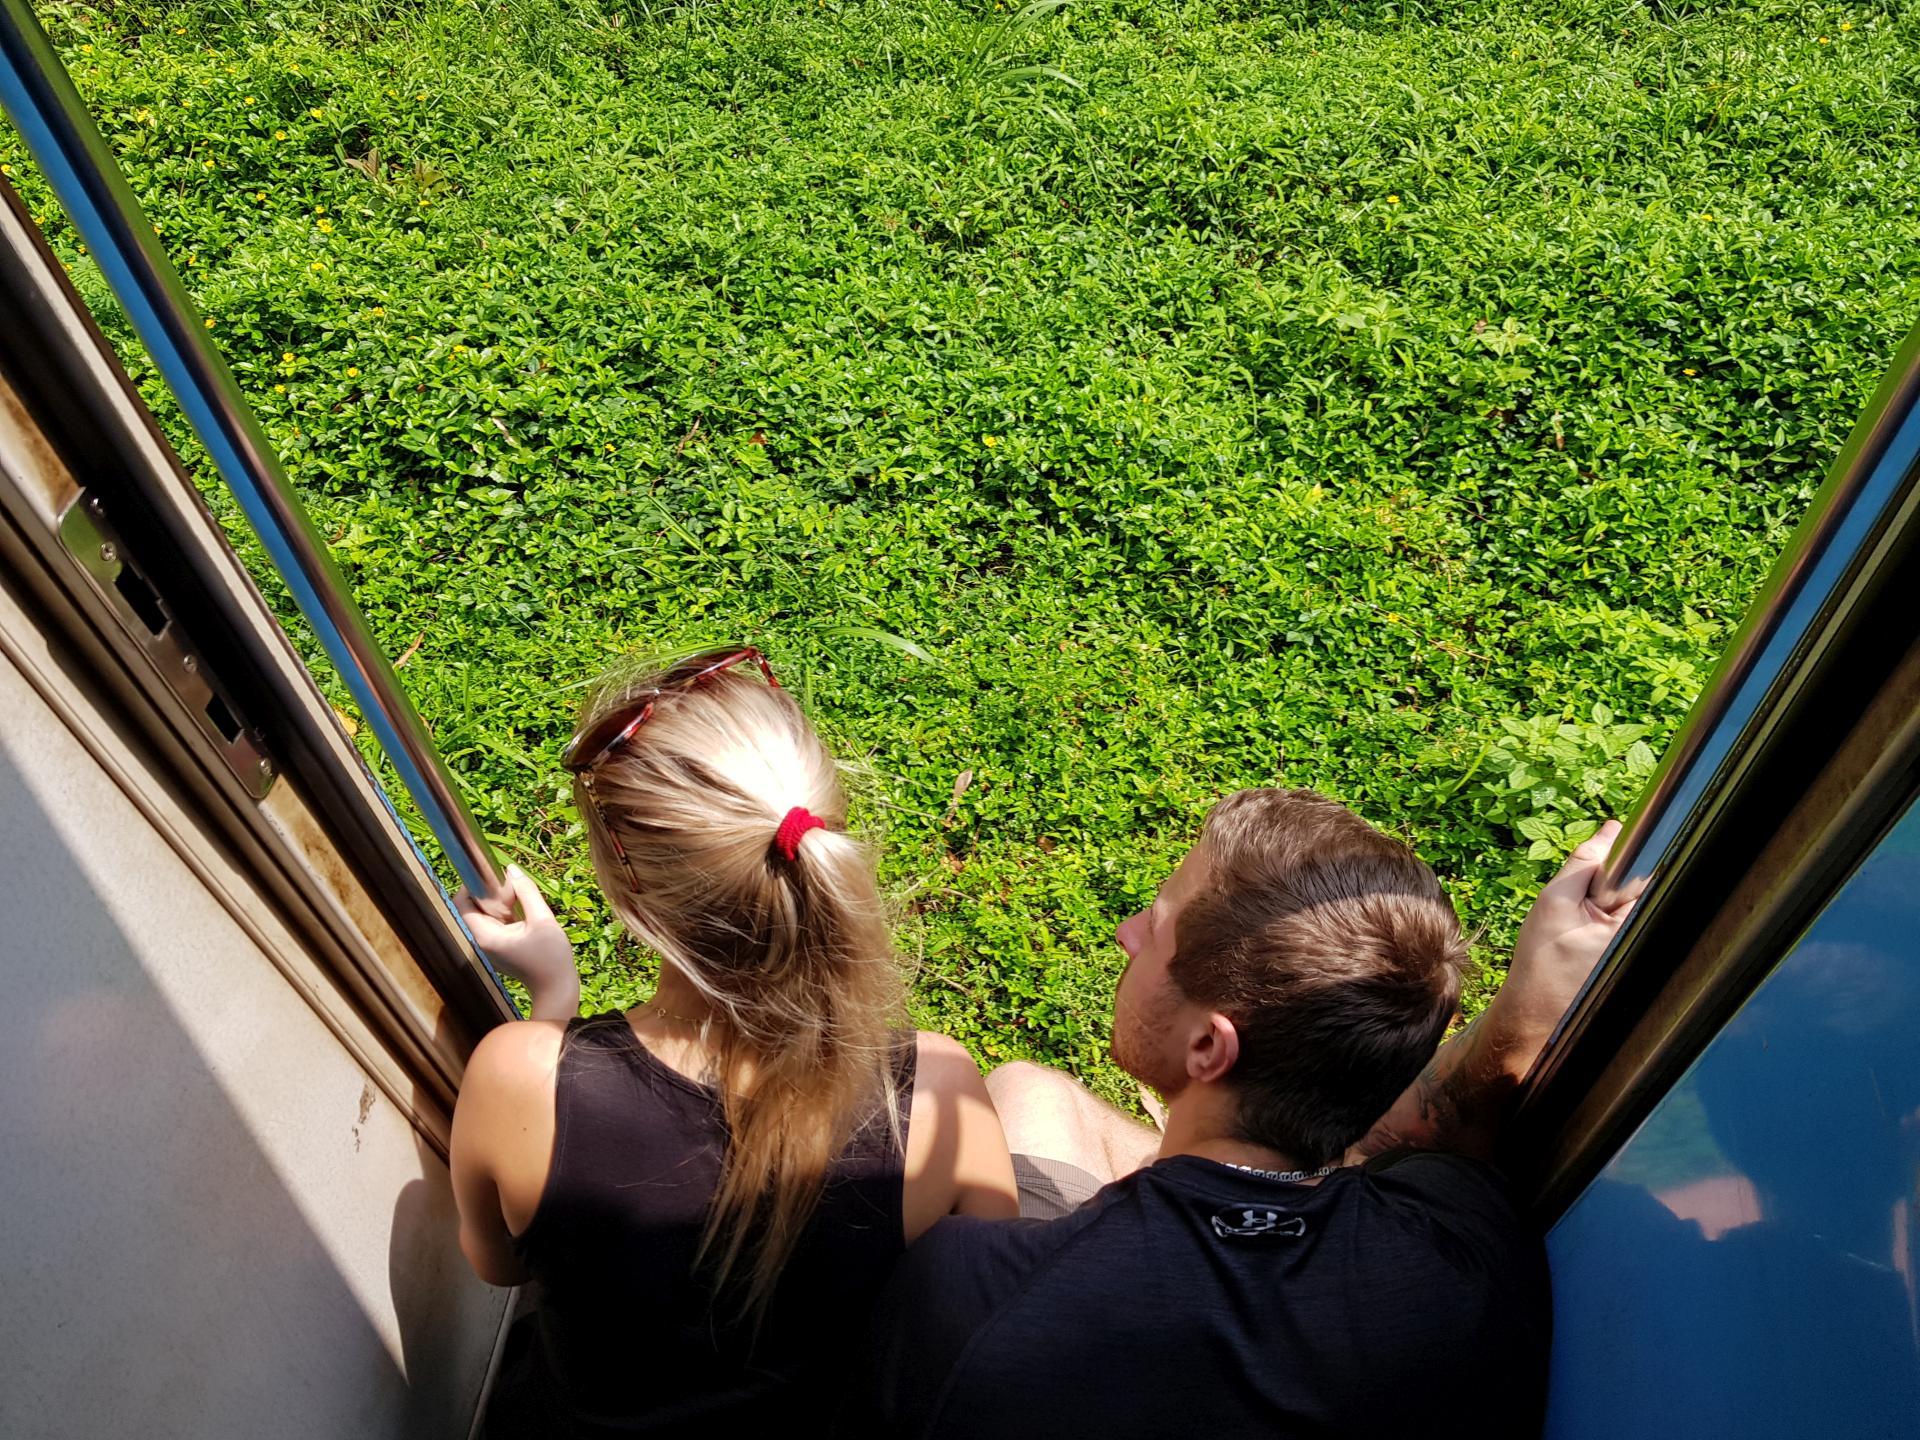 Открытые двери в поезде на Шри-Ланке